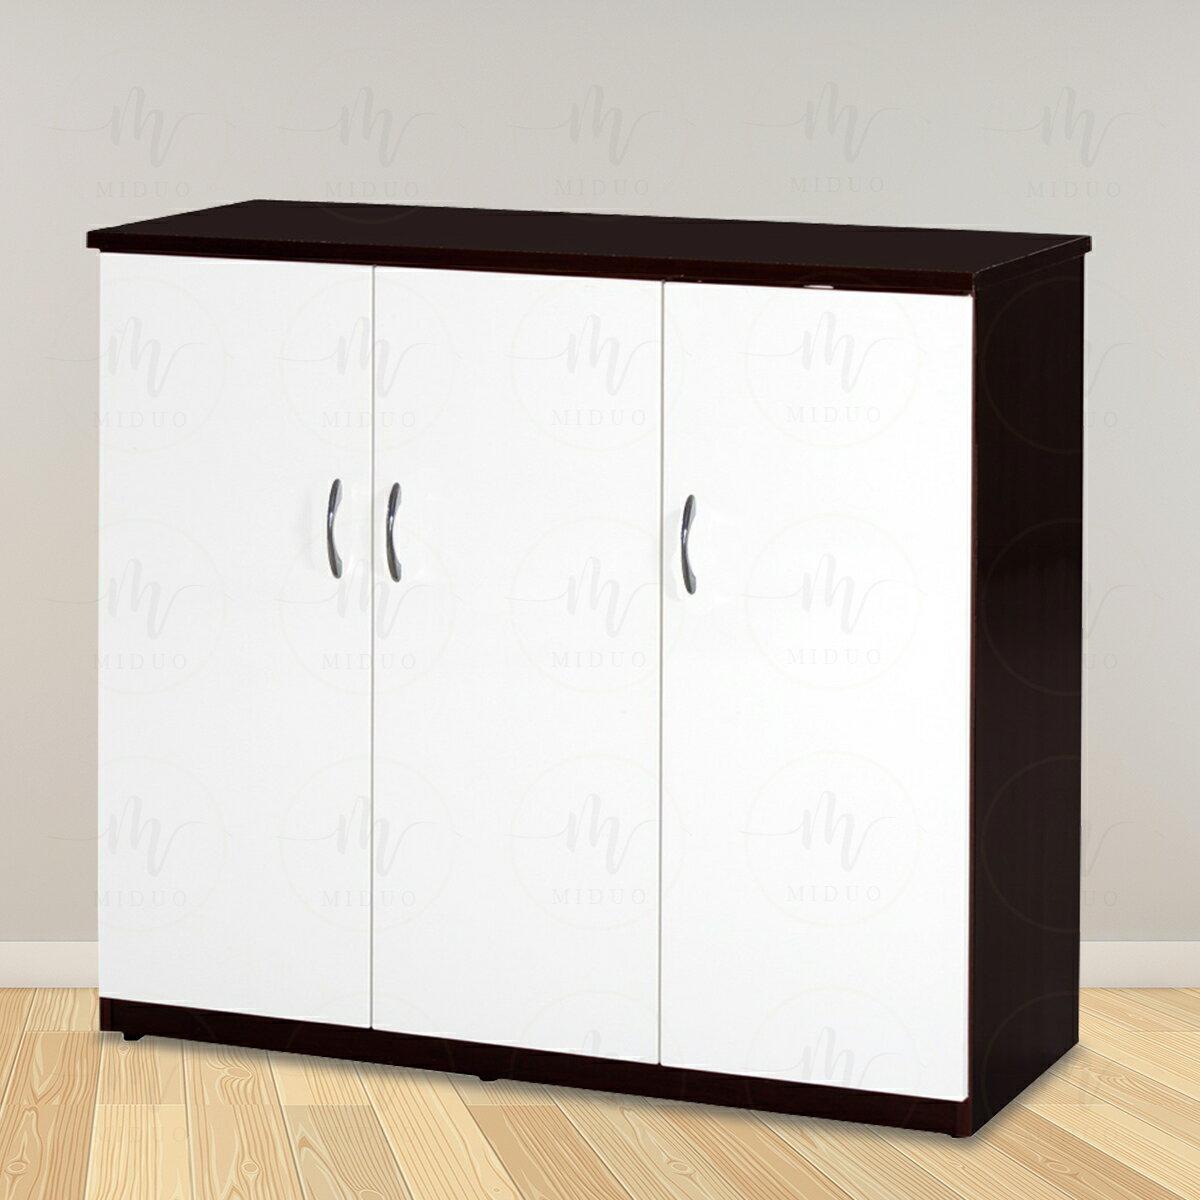 3.2尺三門塑鋼鞋櫃 防水塑鋼家具【米朵Miduo】